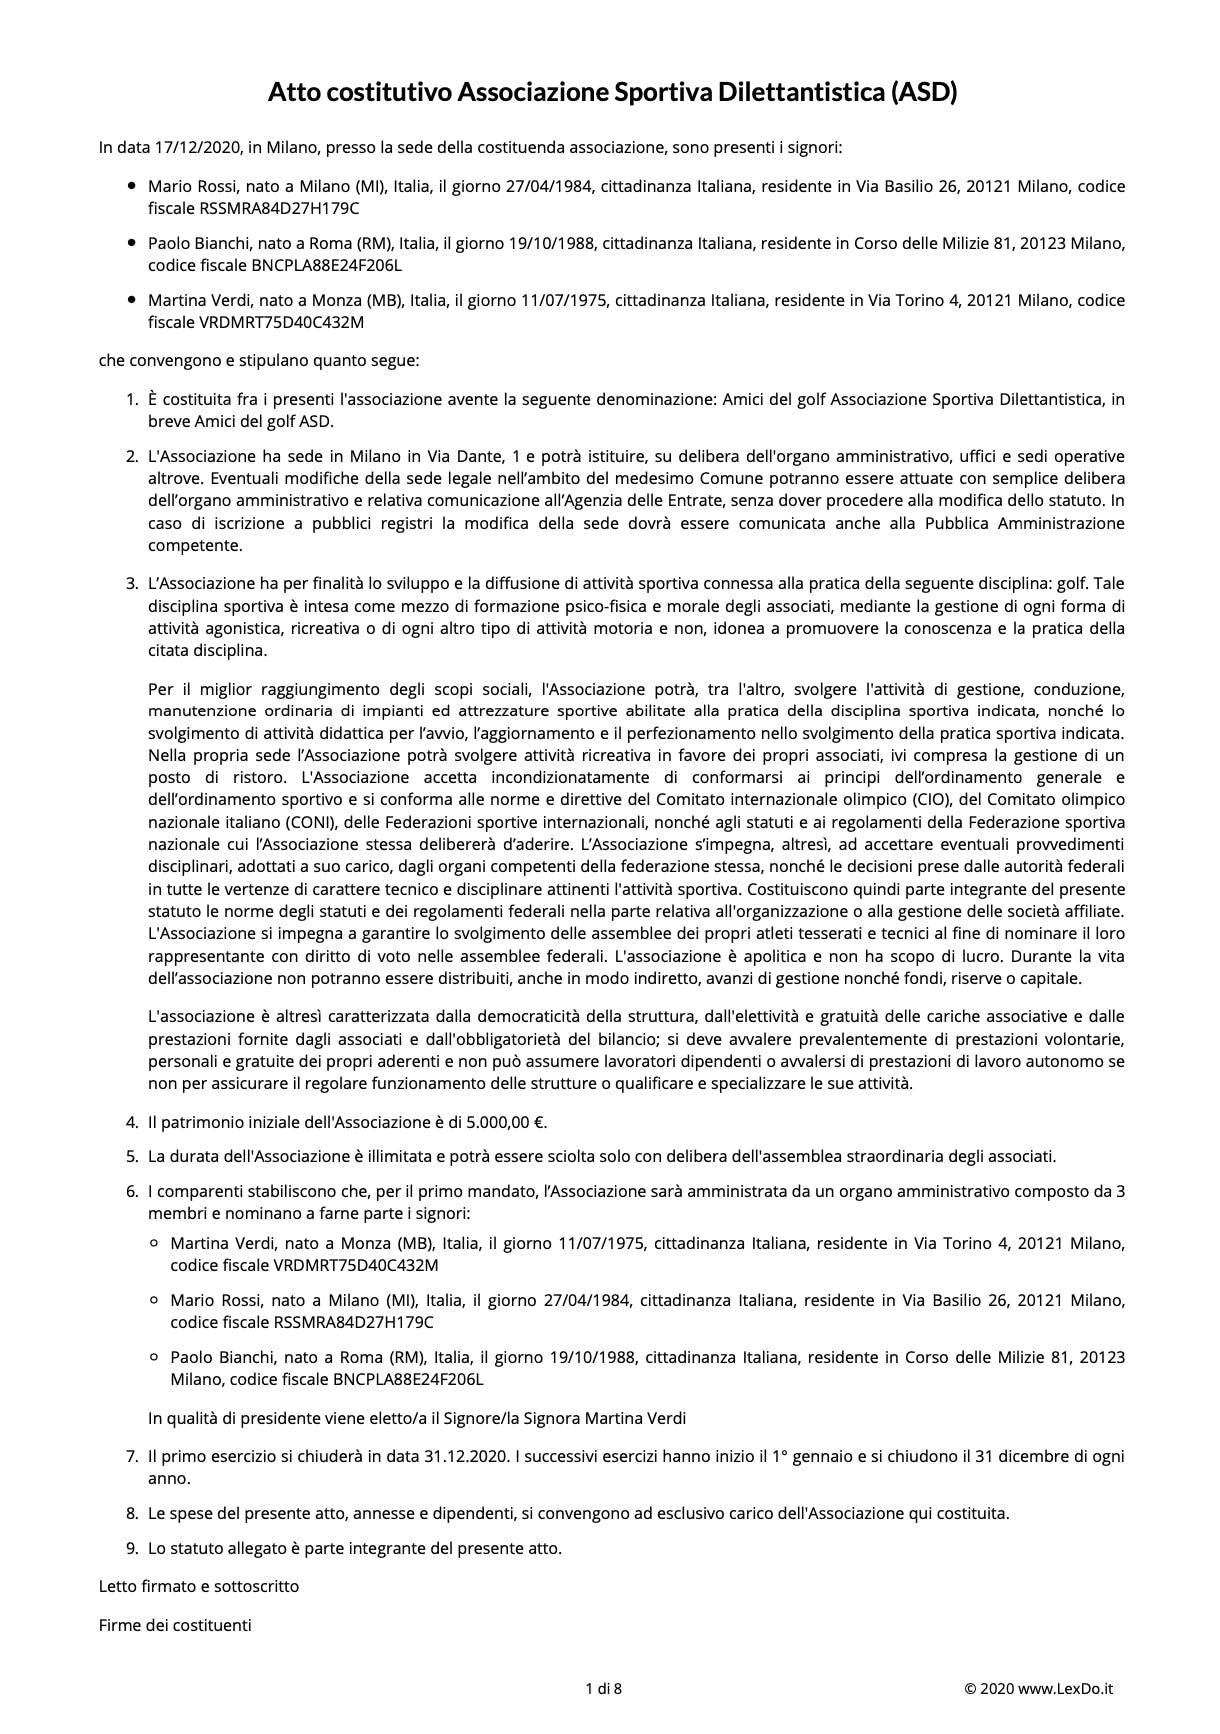 Statuto Associazione Sportiva (ASD) modello